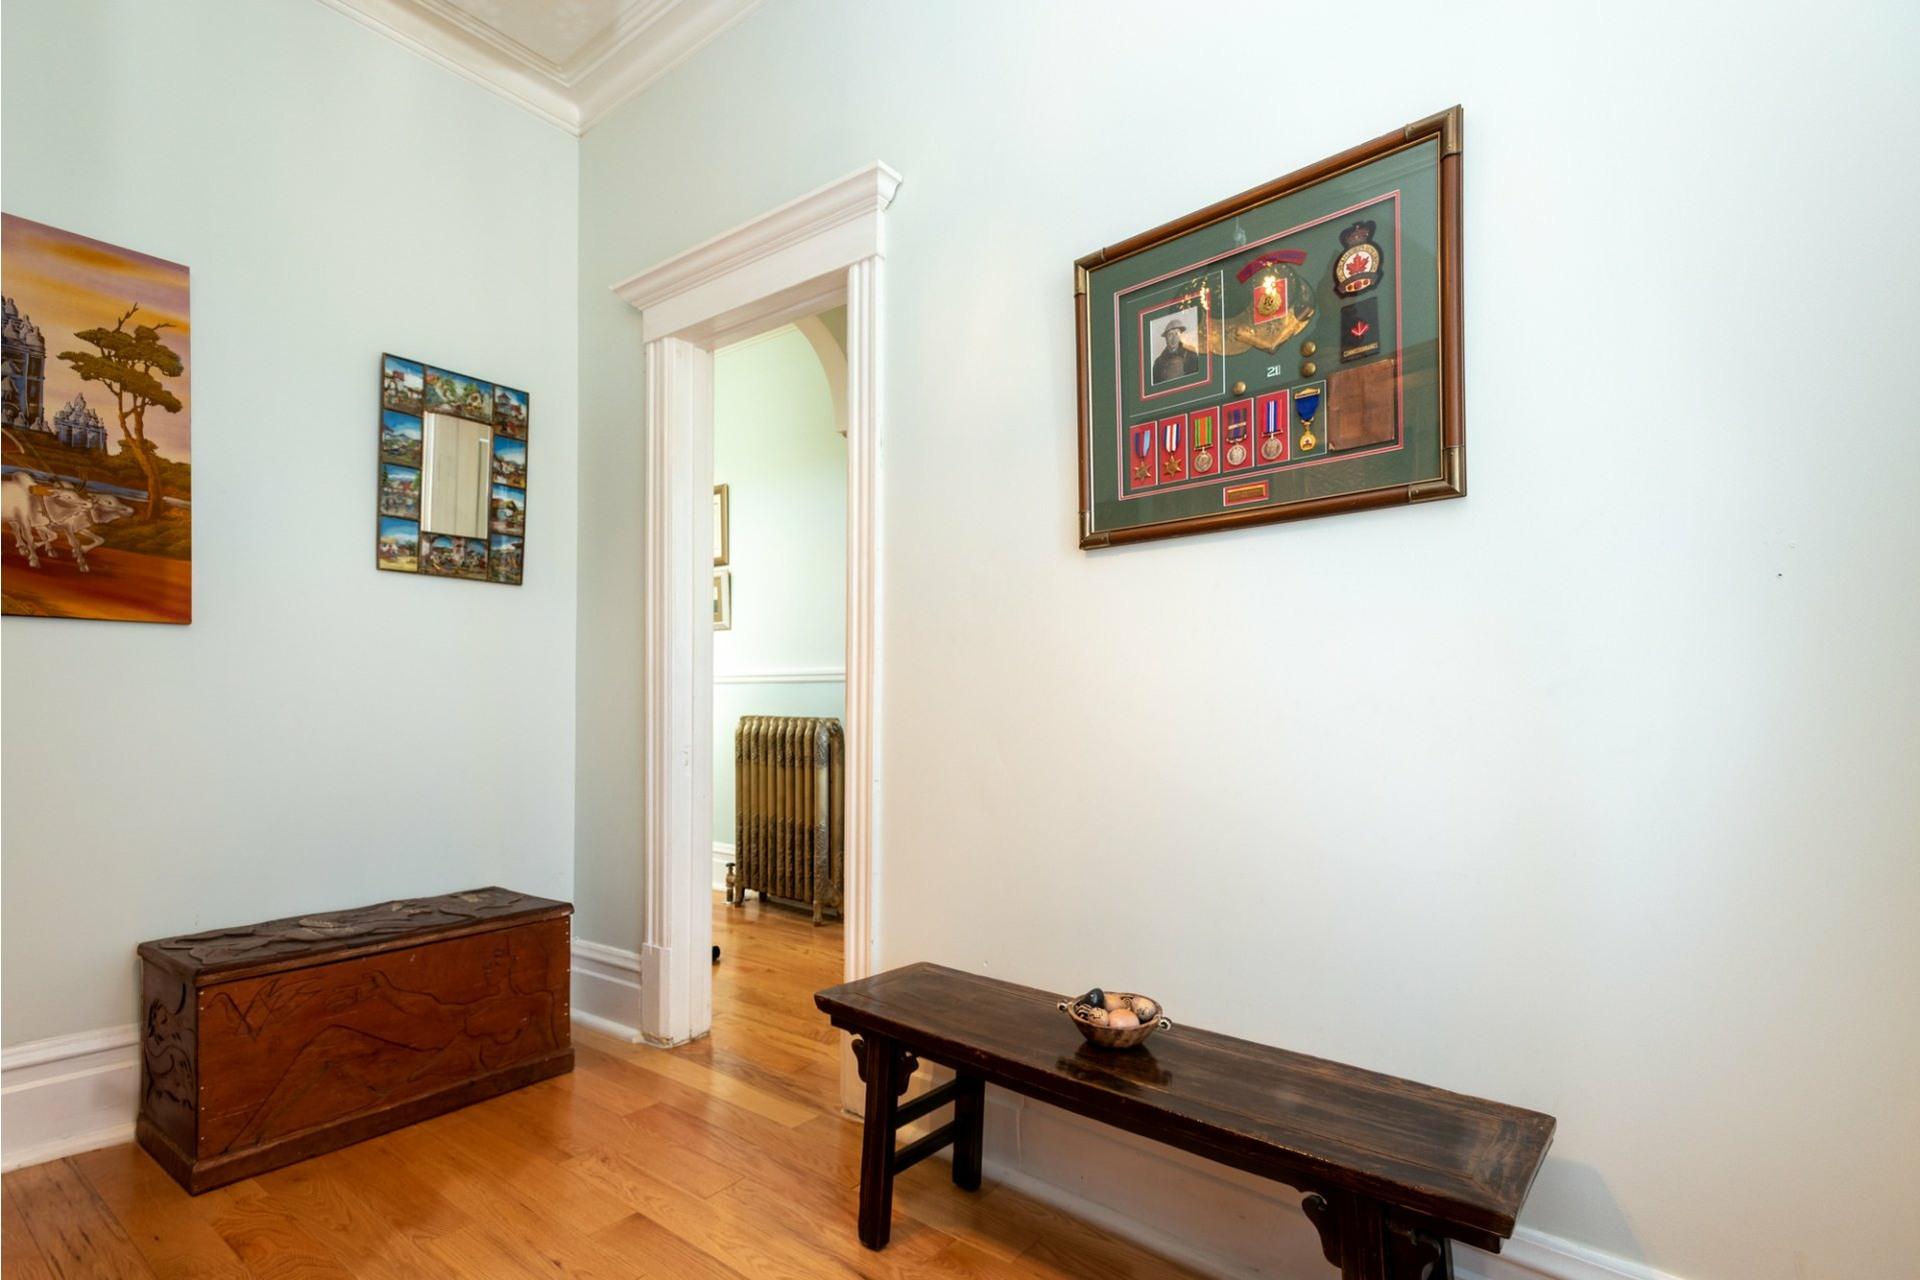 image 11 - Maison À vendre Côte-des-Neiges/Notre-Dame-de-Grâce Montréal  - 8 pièces